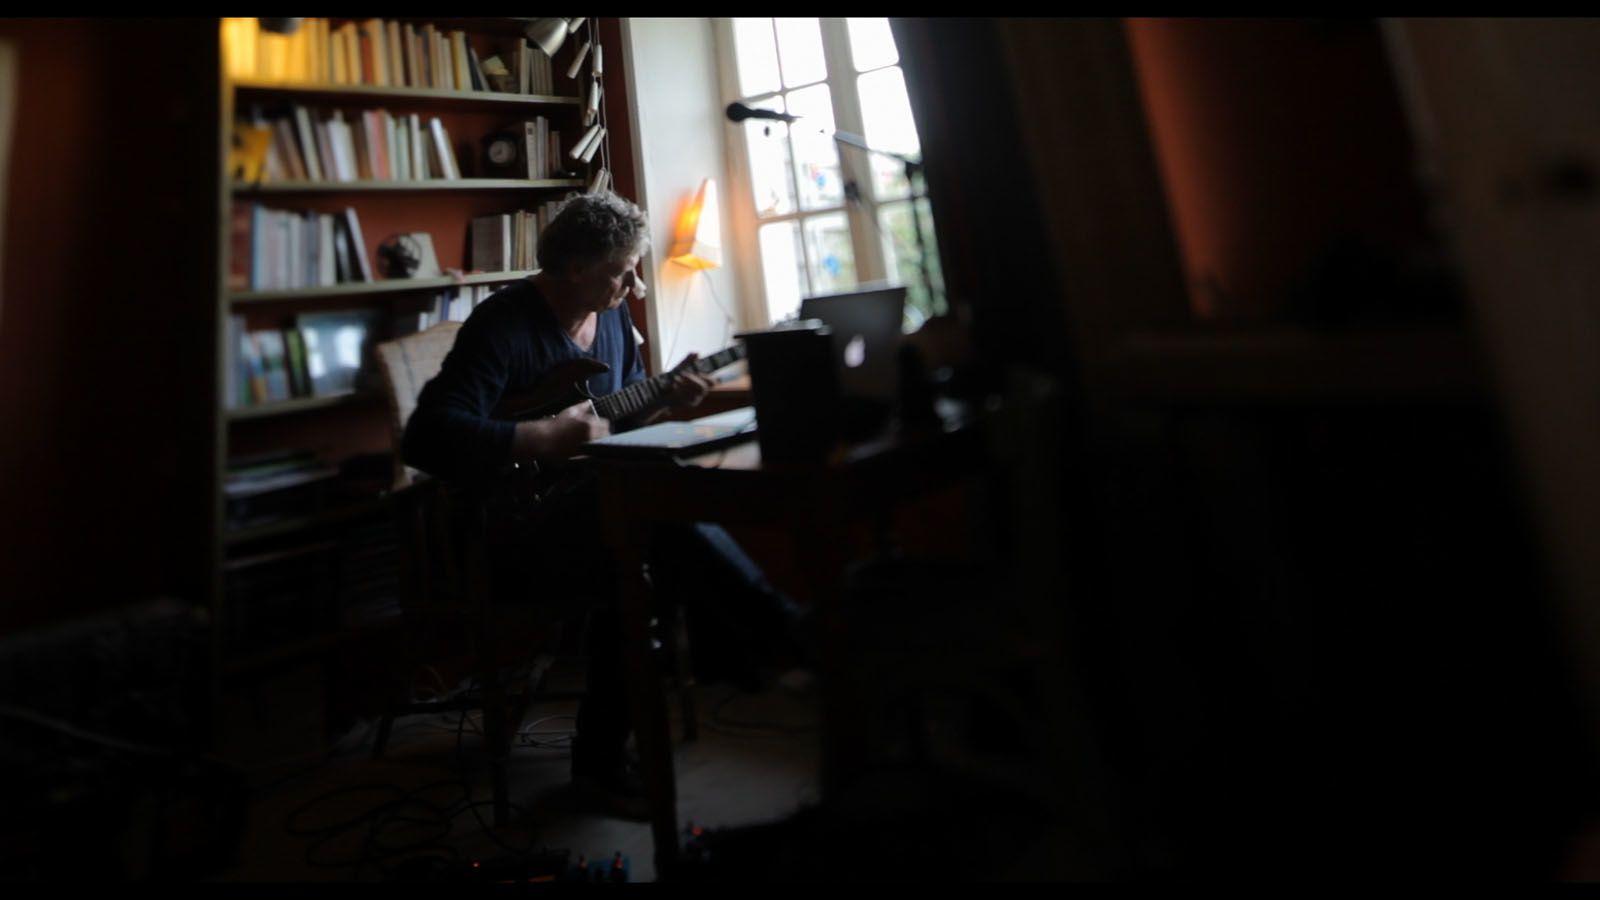 Good (BANDE-ANNONCE) Documentaire de Patrick-Mario Bernard avec Rodolphe Burger - Le 26 décembre 2018 au cinéma